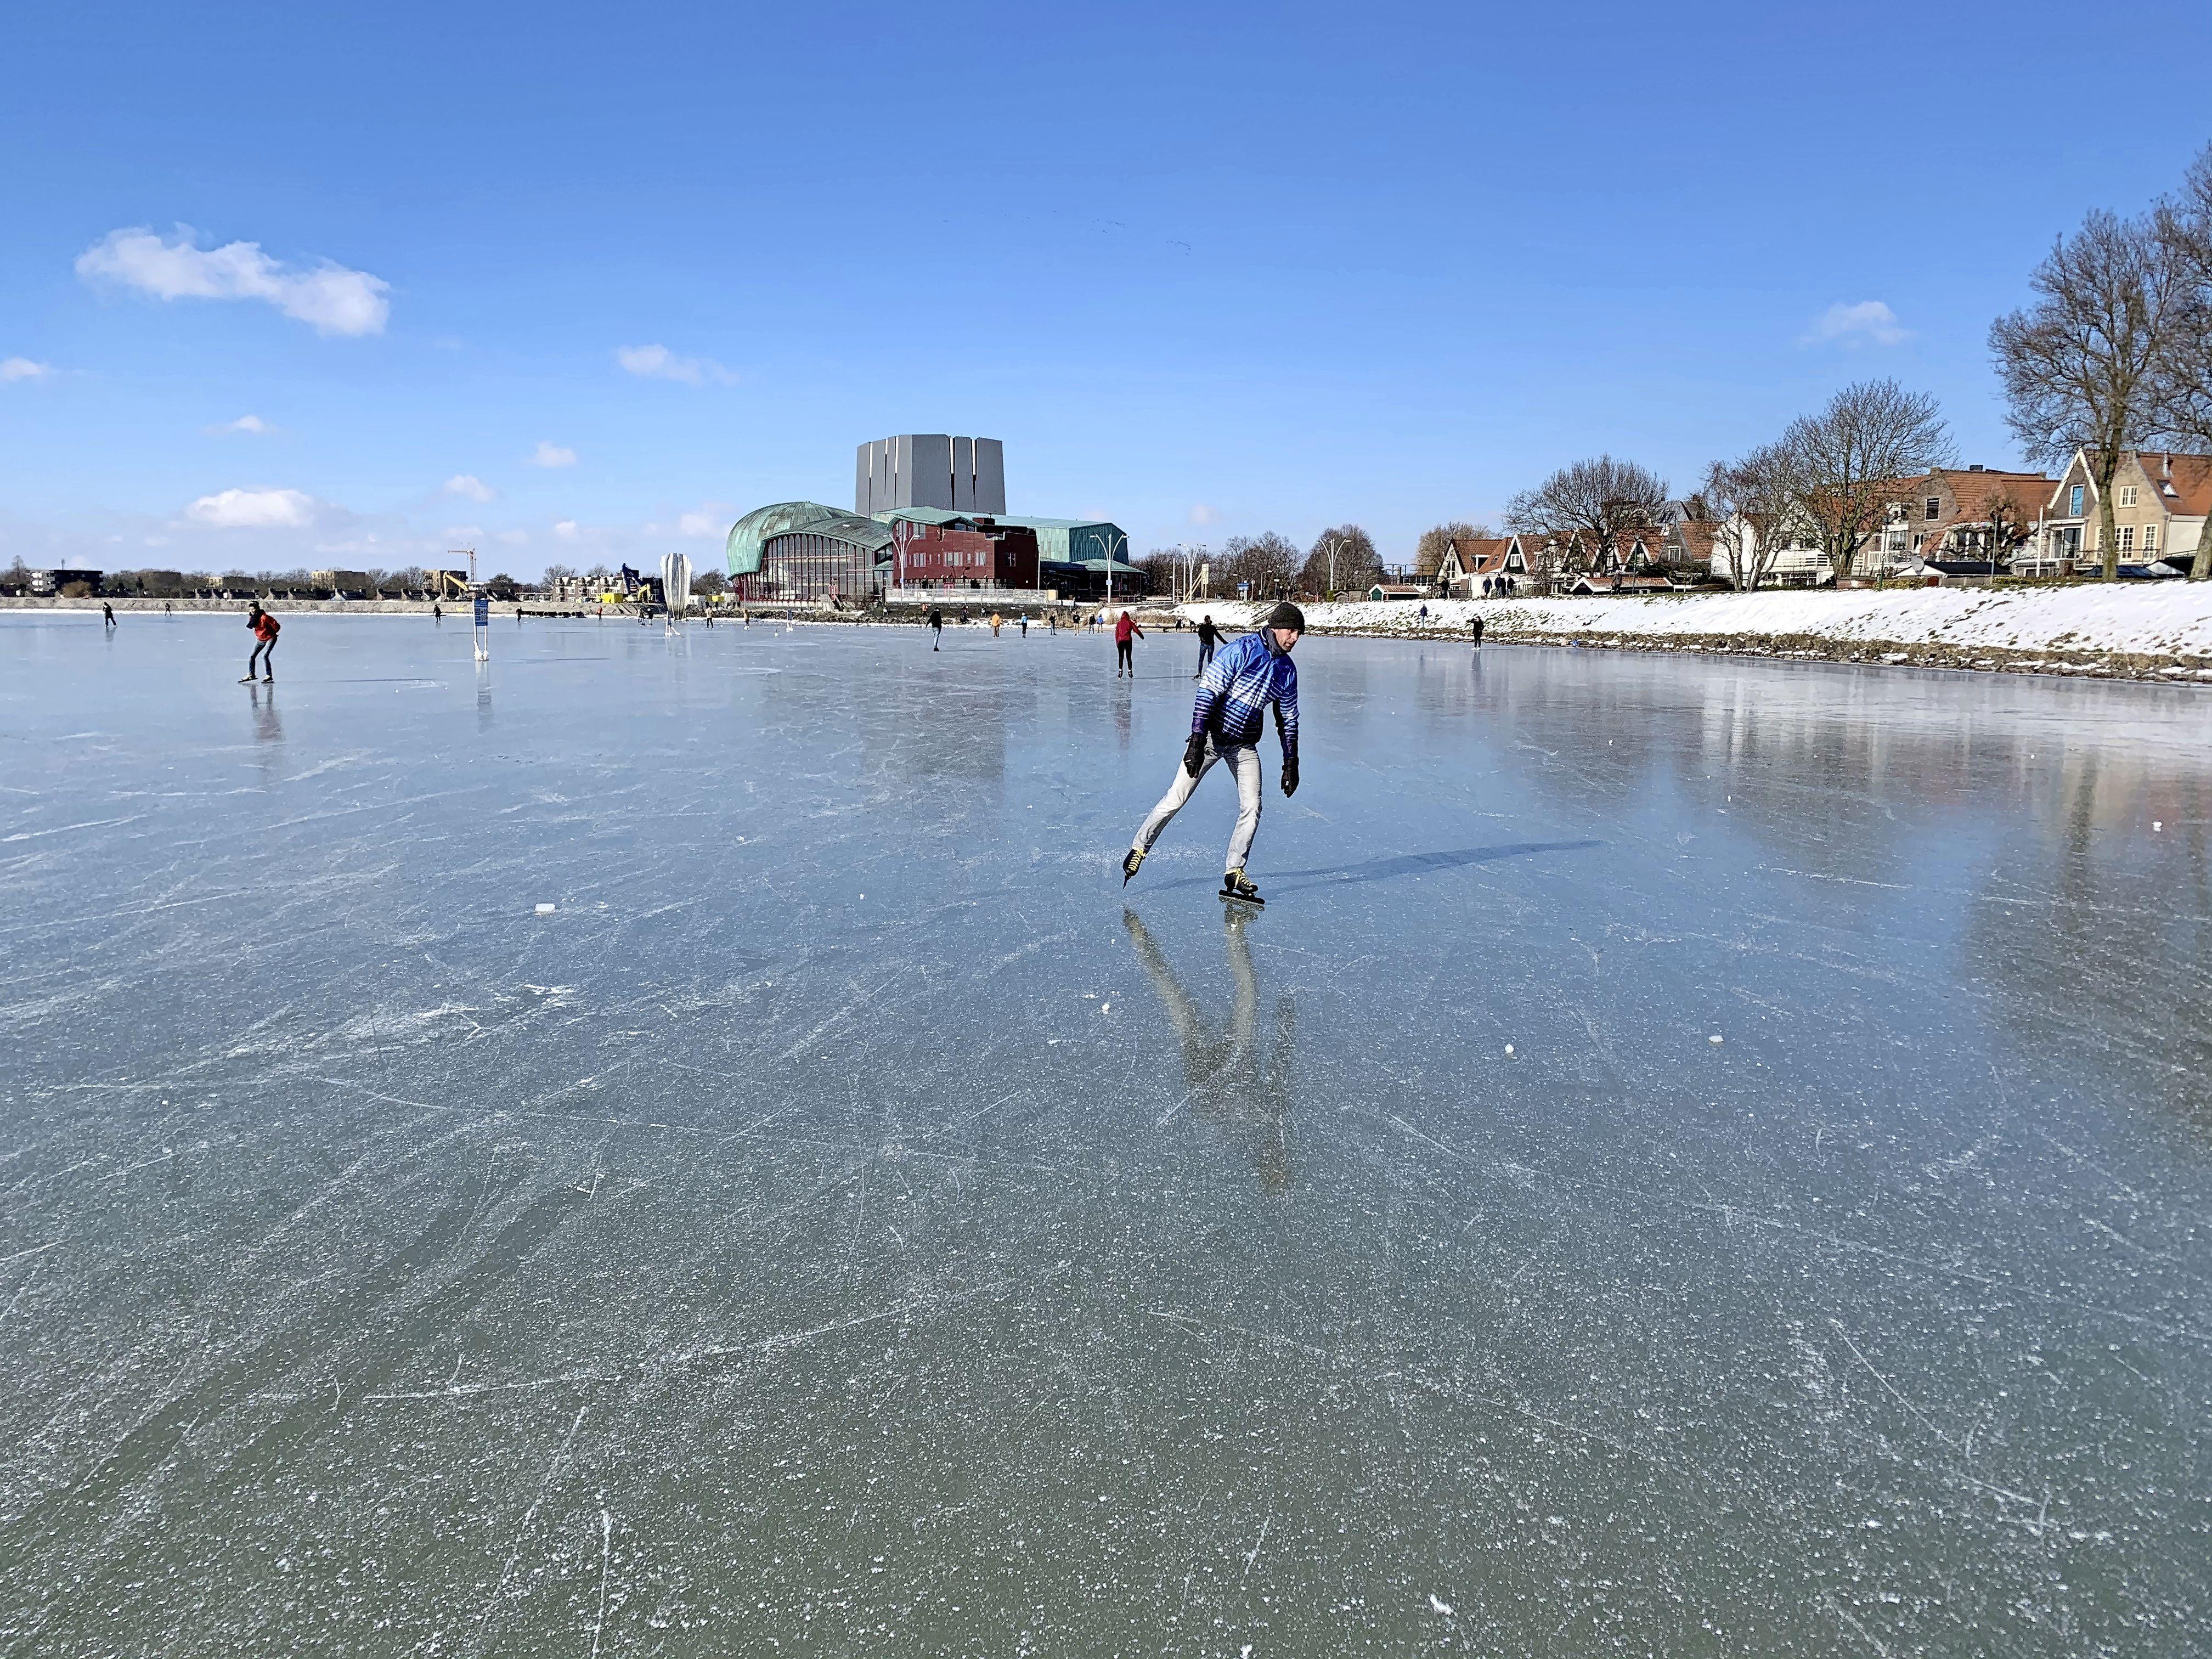 Schaatsers wagen zich op het Hoornse Hop. Spiegelgladde piste met zwart ijs! [video]